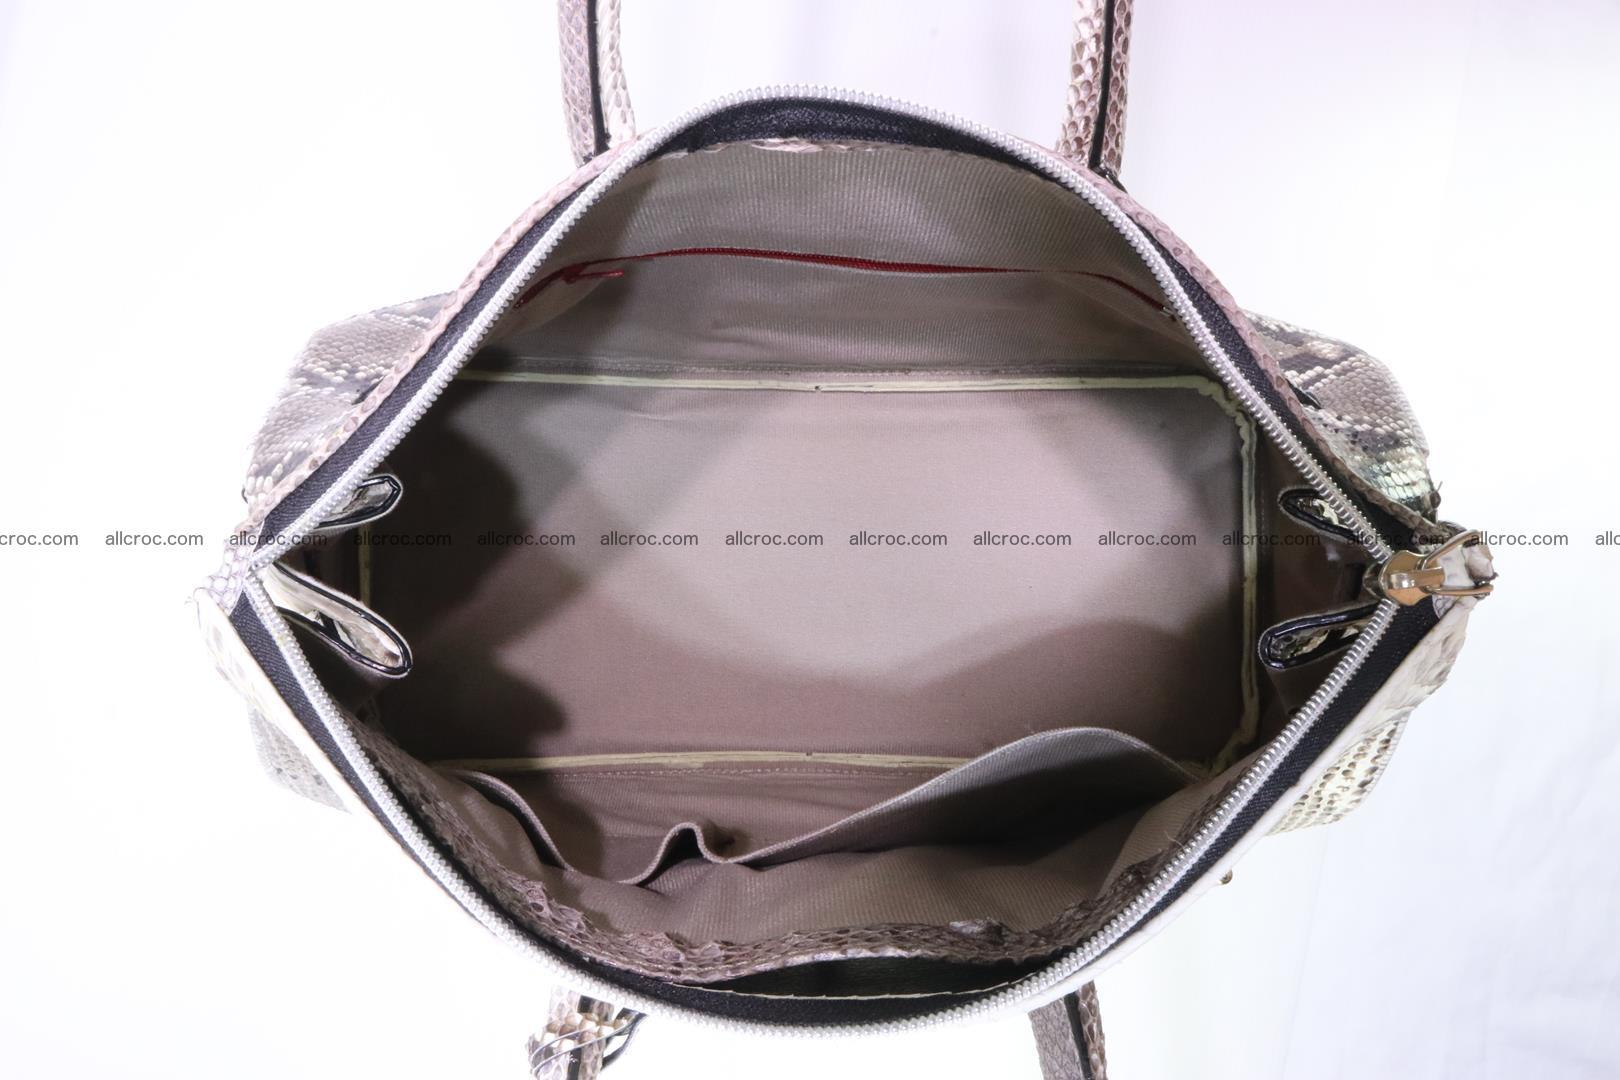 Python skin women's handbag replica of Birkin 199 Foto 11